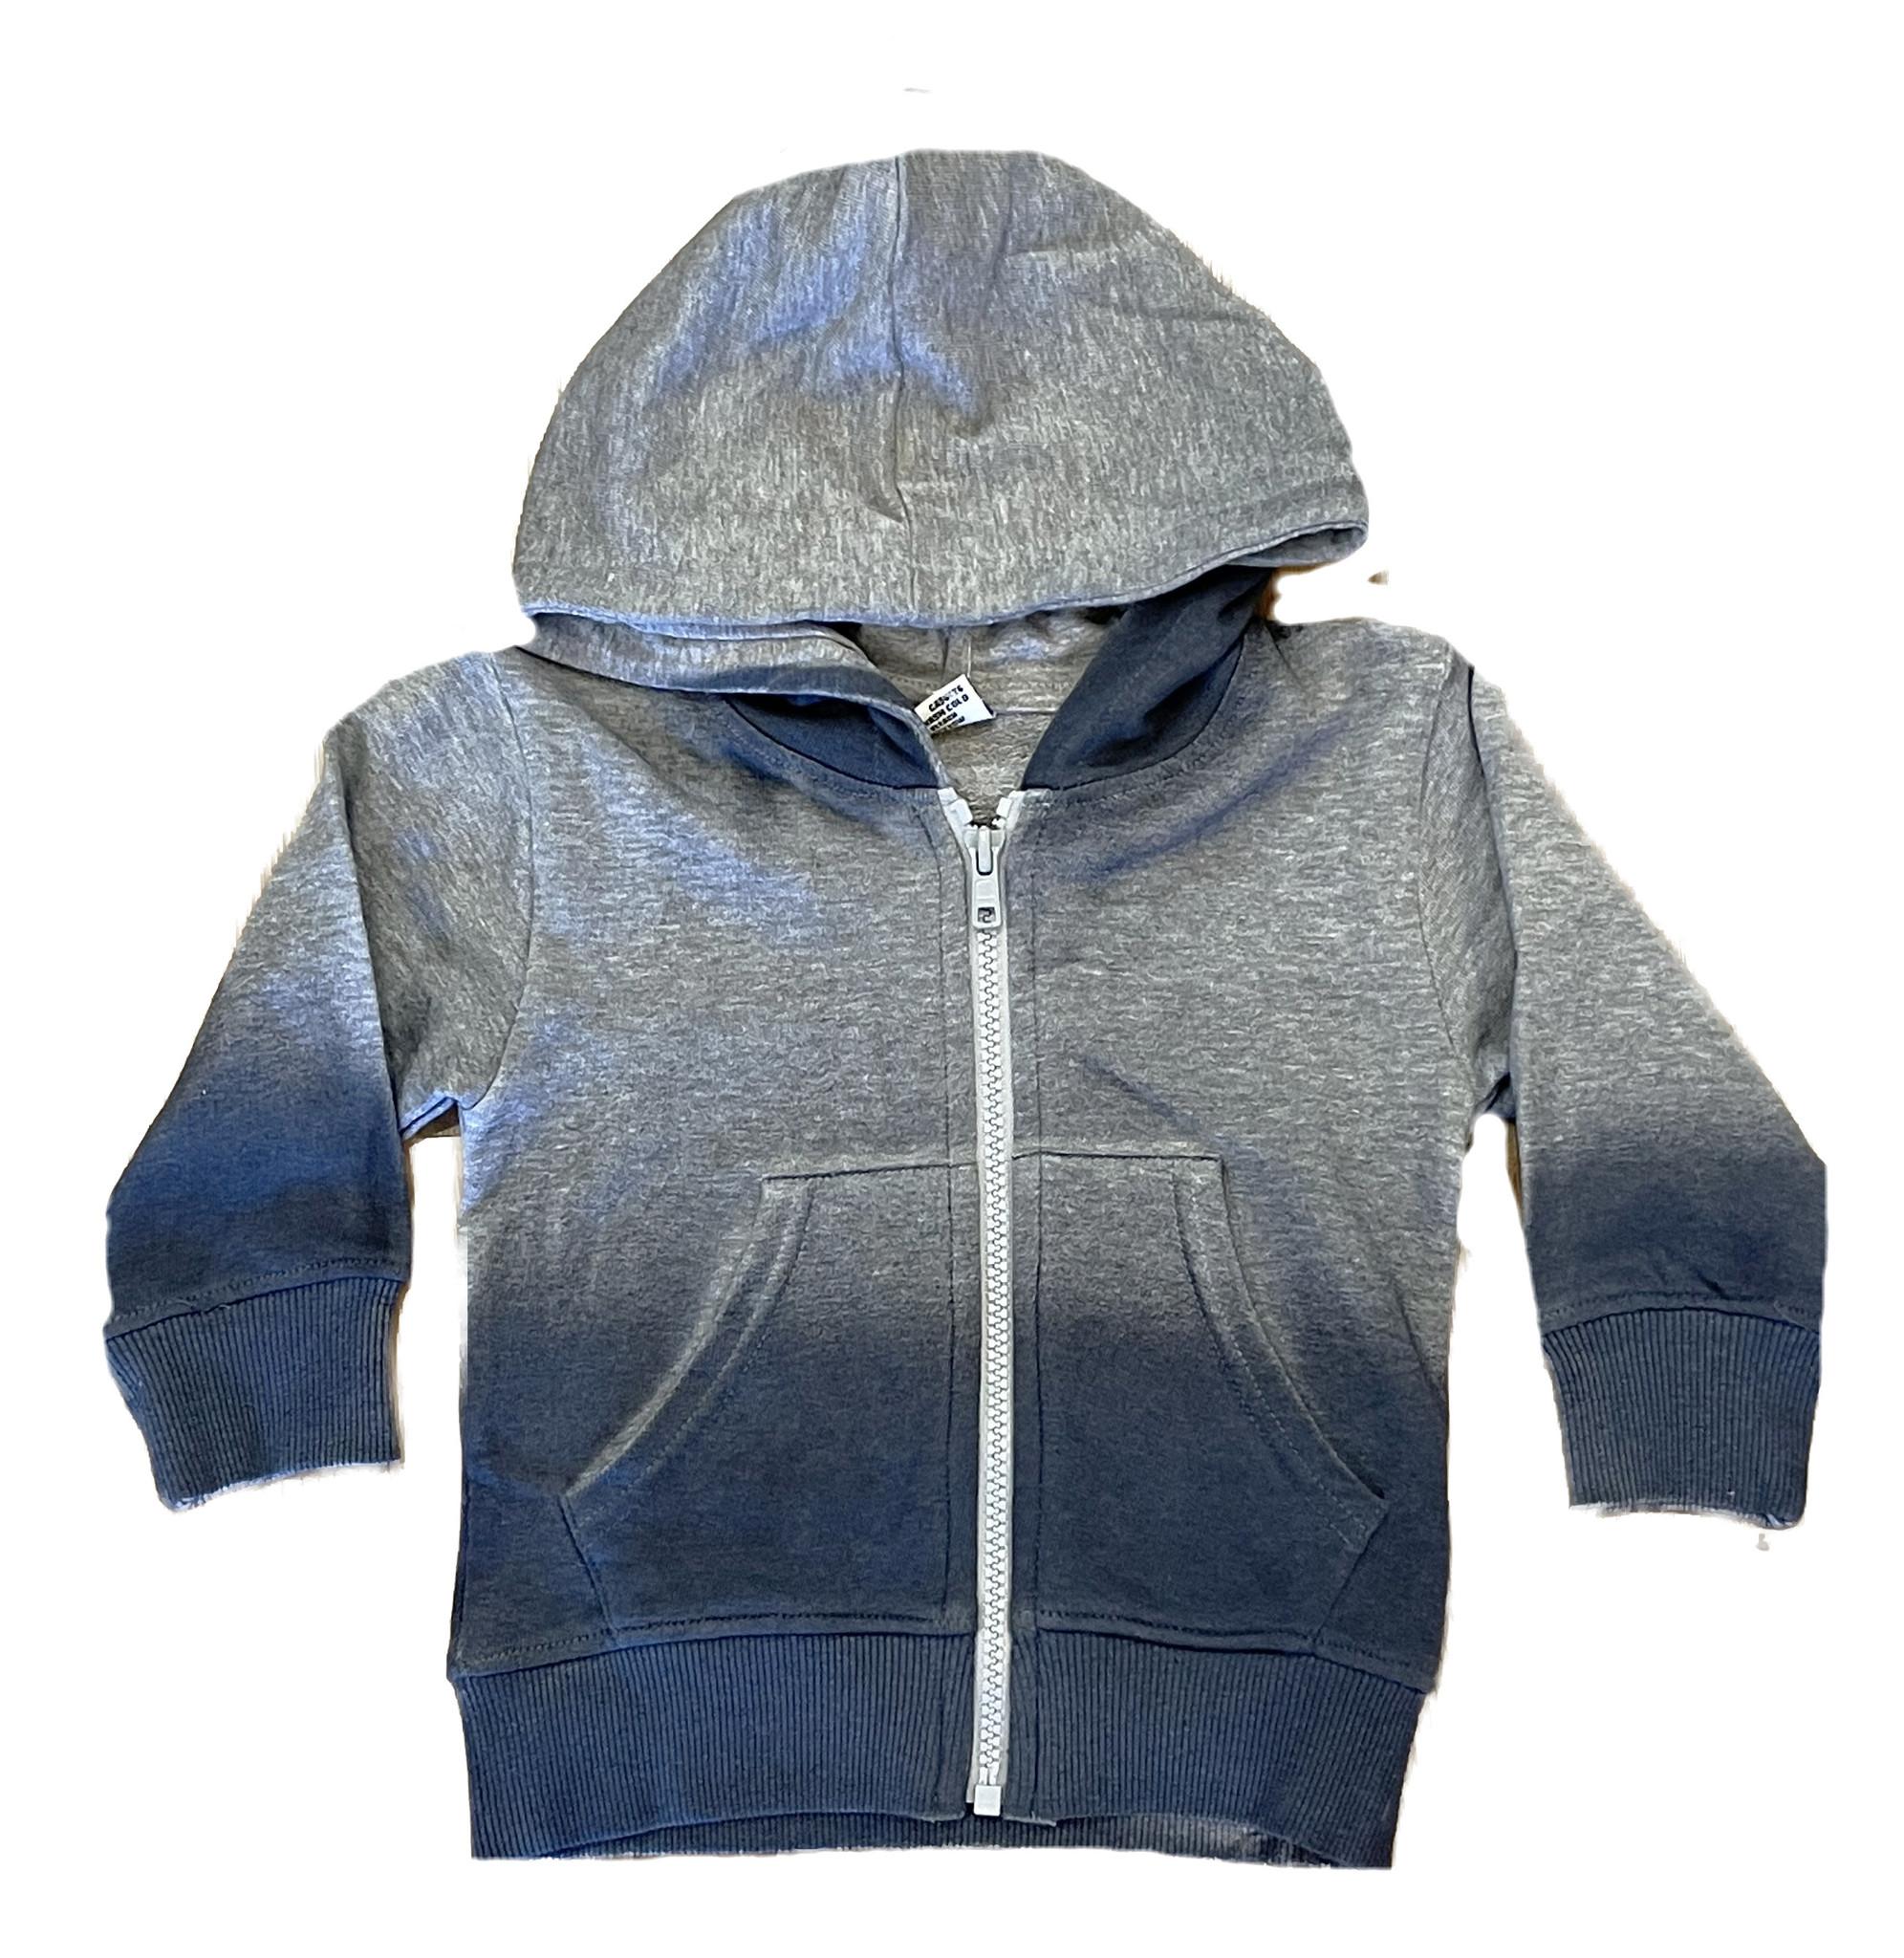 Mish Grey/Denim Ombre Zip Hoodie